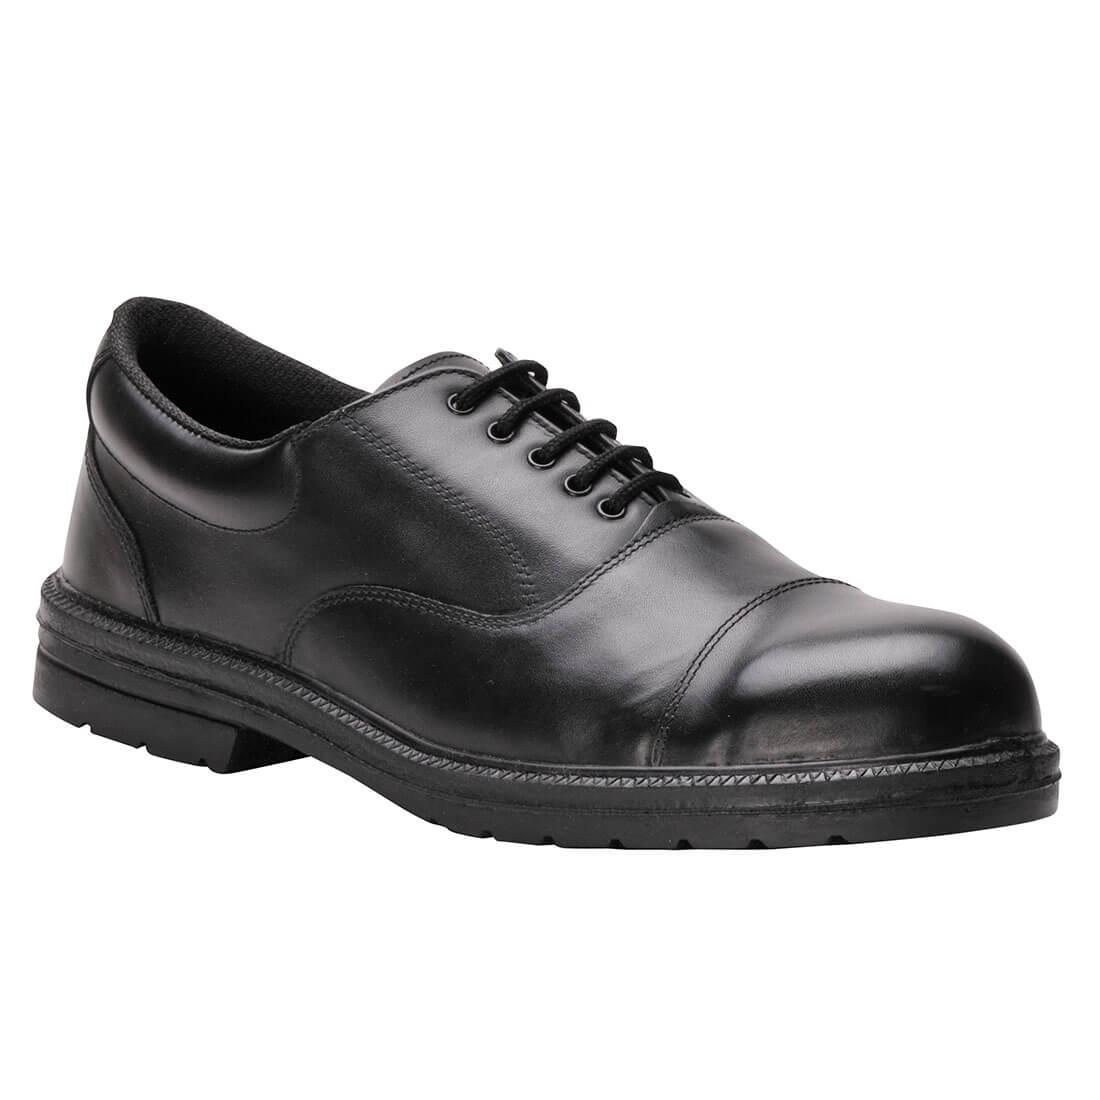 Pantof Steelite™ Executive Oxford S1P - Incaltaminte de protectie